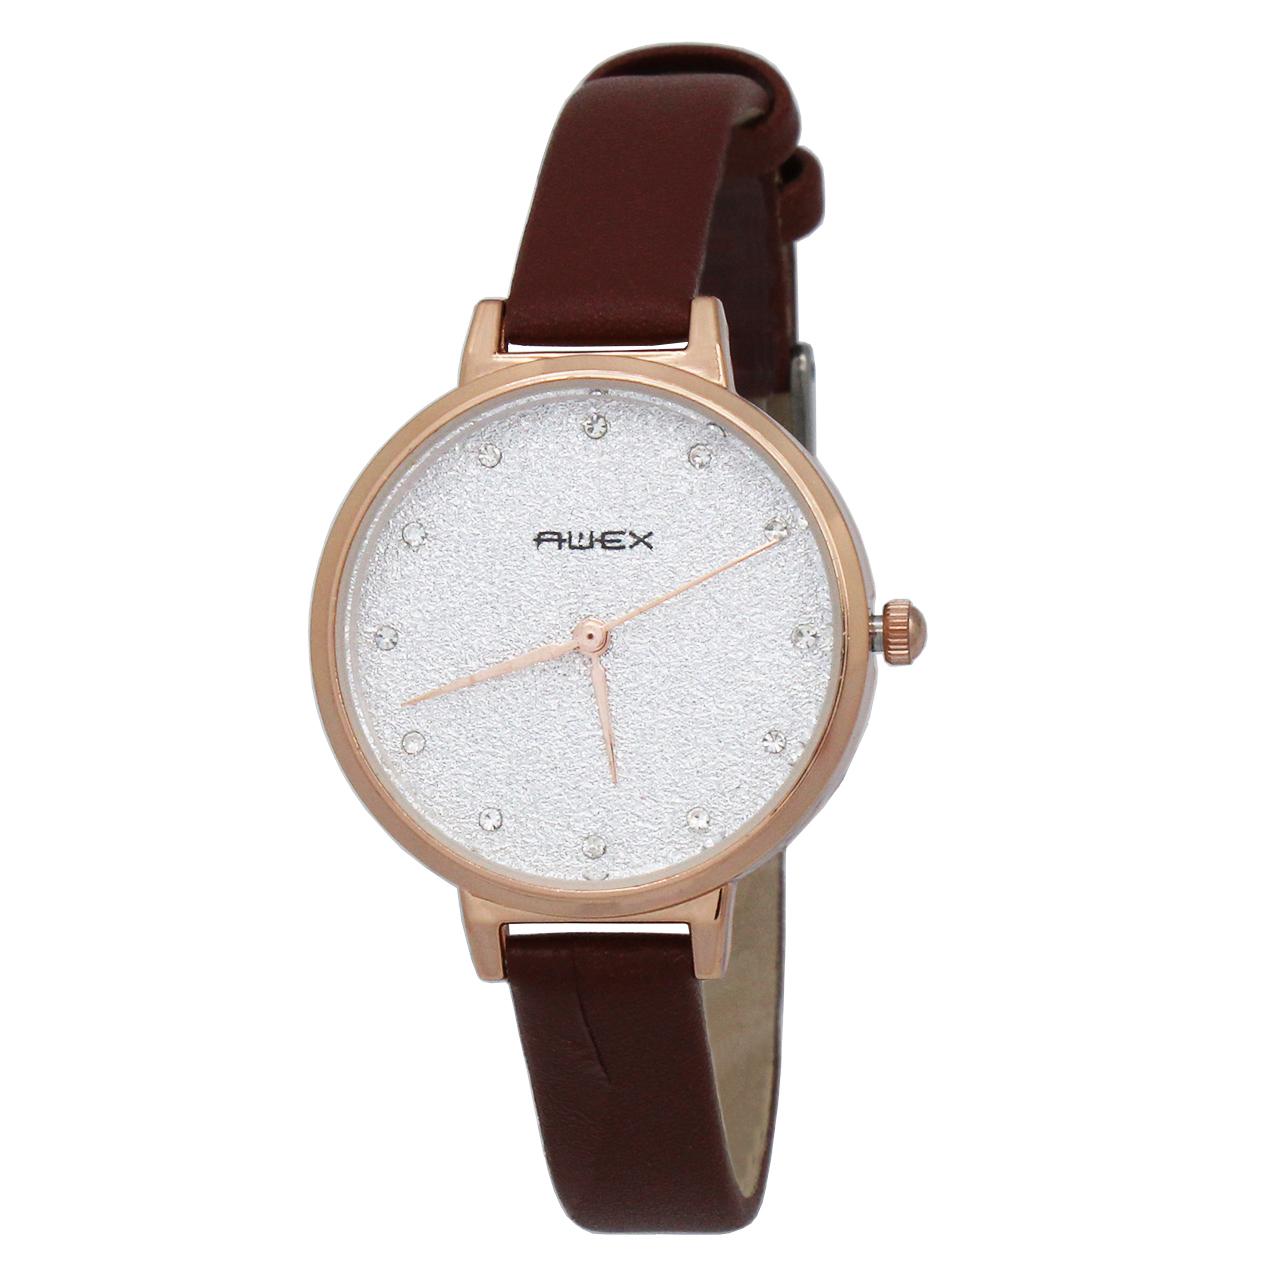 ساعت مچی عقربه ای زنانه آوکس مدل B8001